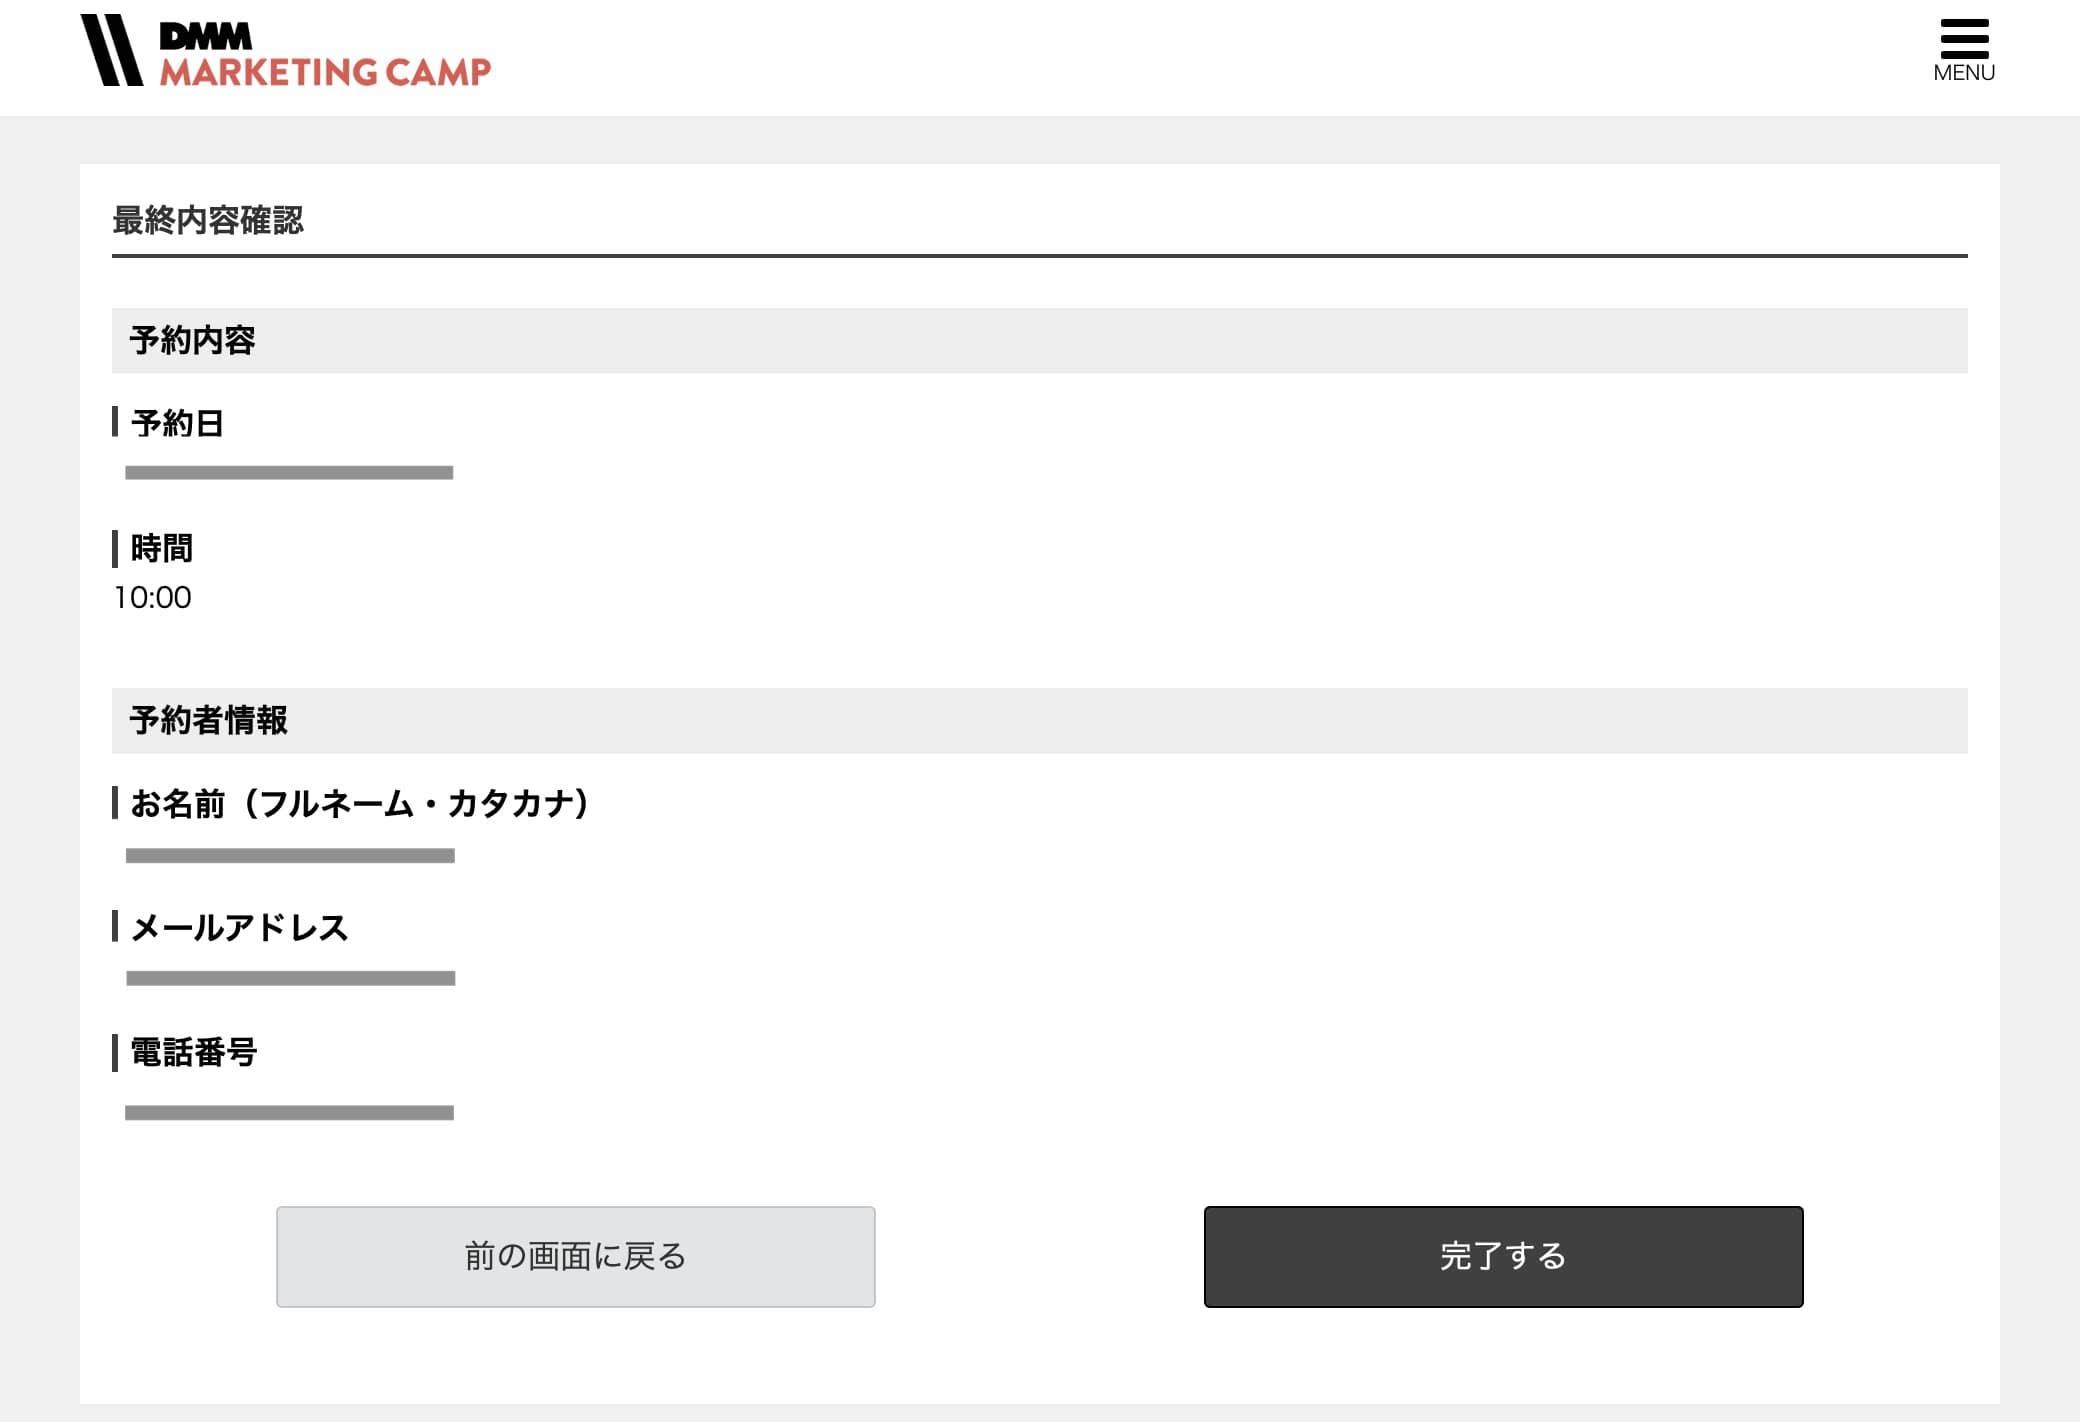 DMMマーケティングキャンプ無料カウンセリング予約フォームNO3